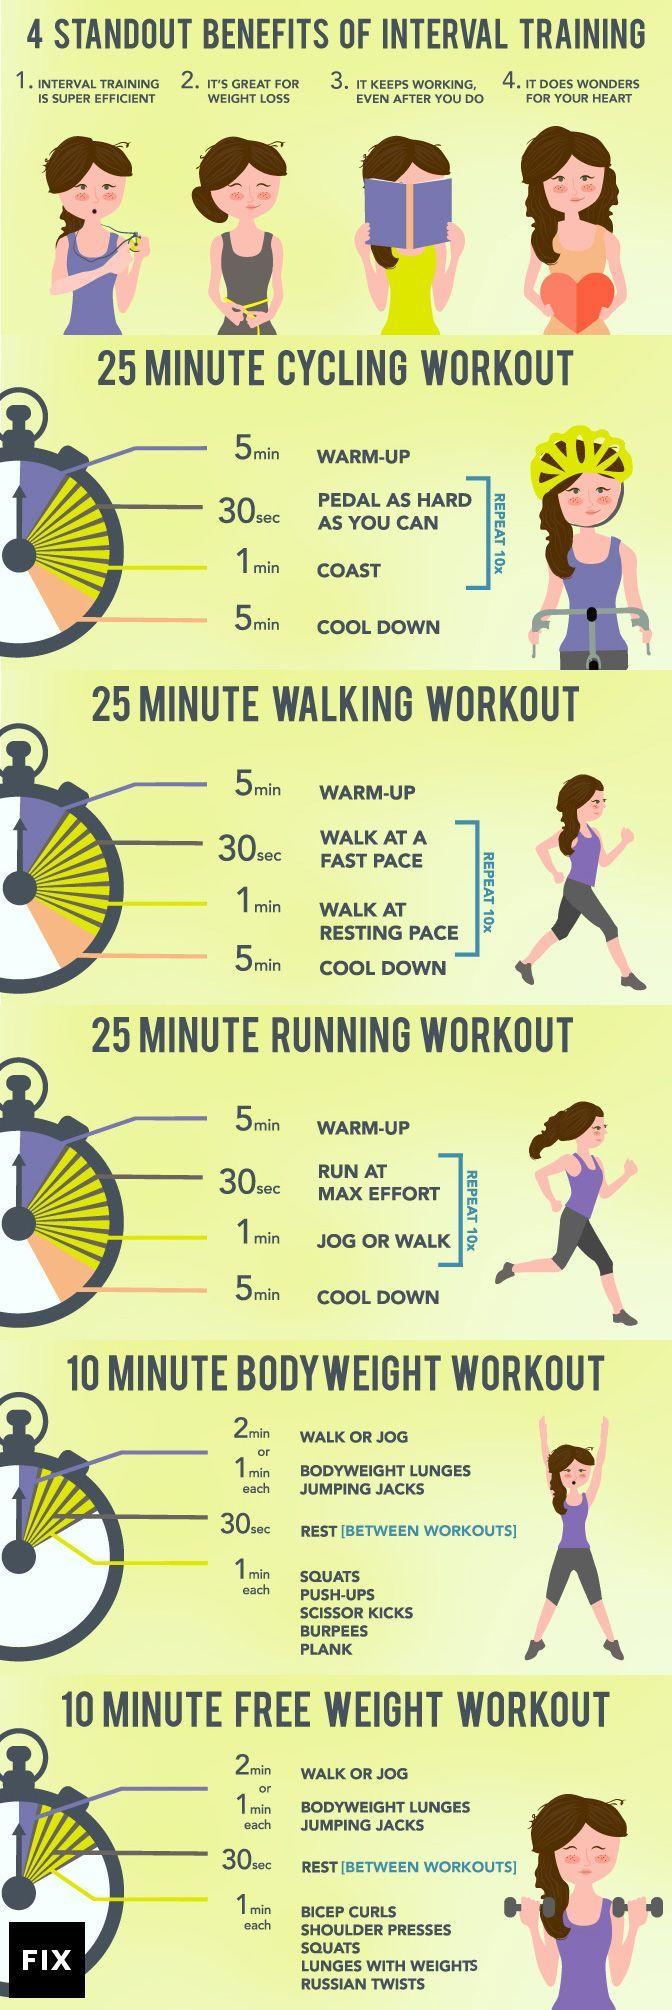 Como optimizar cada ejercicio #habitosdevidasaludables